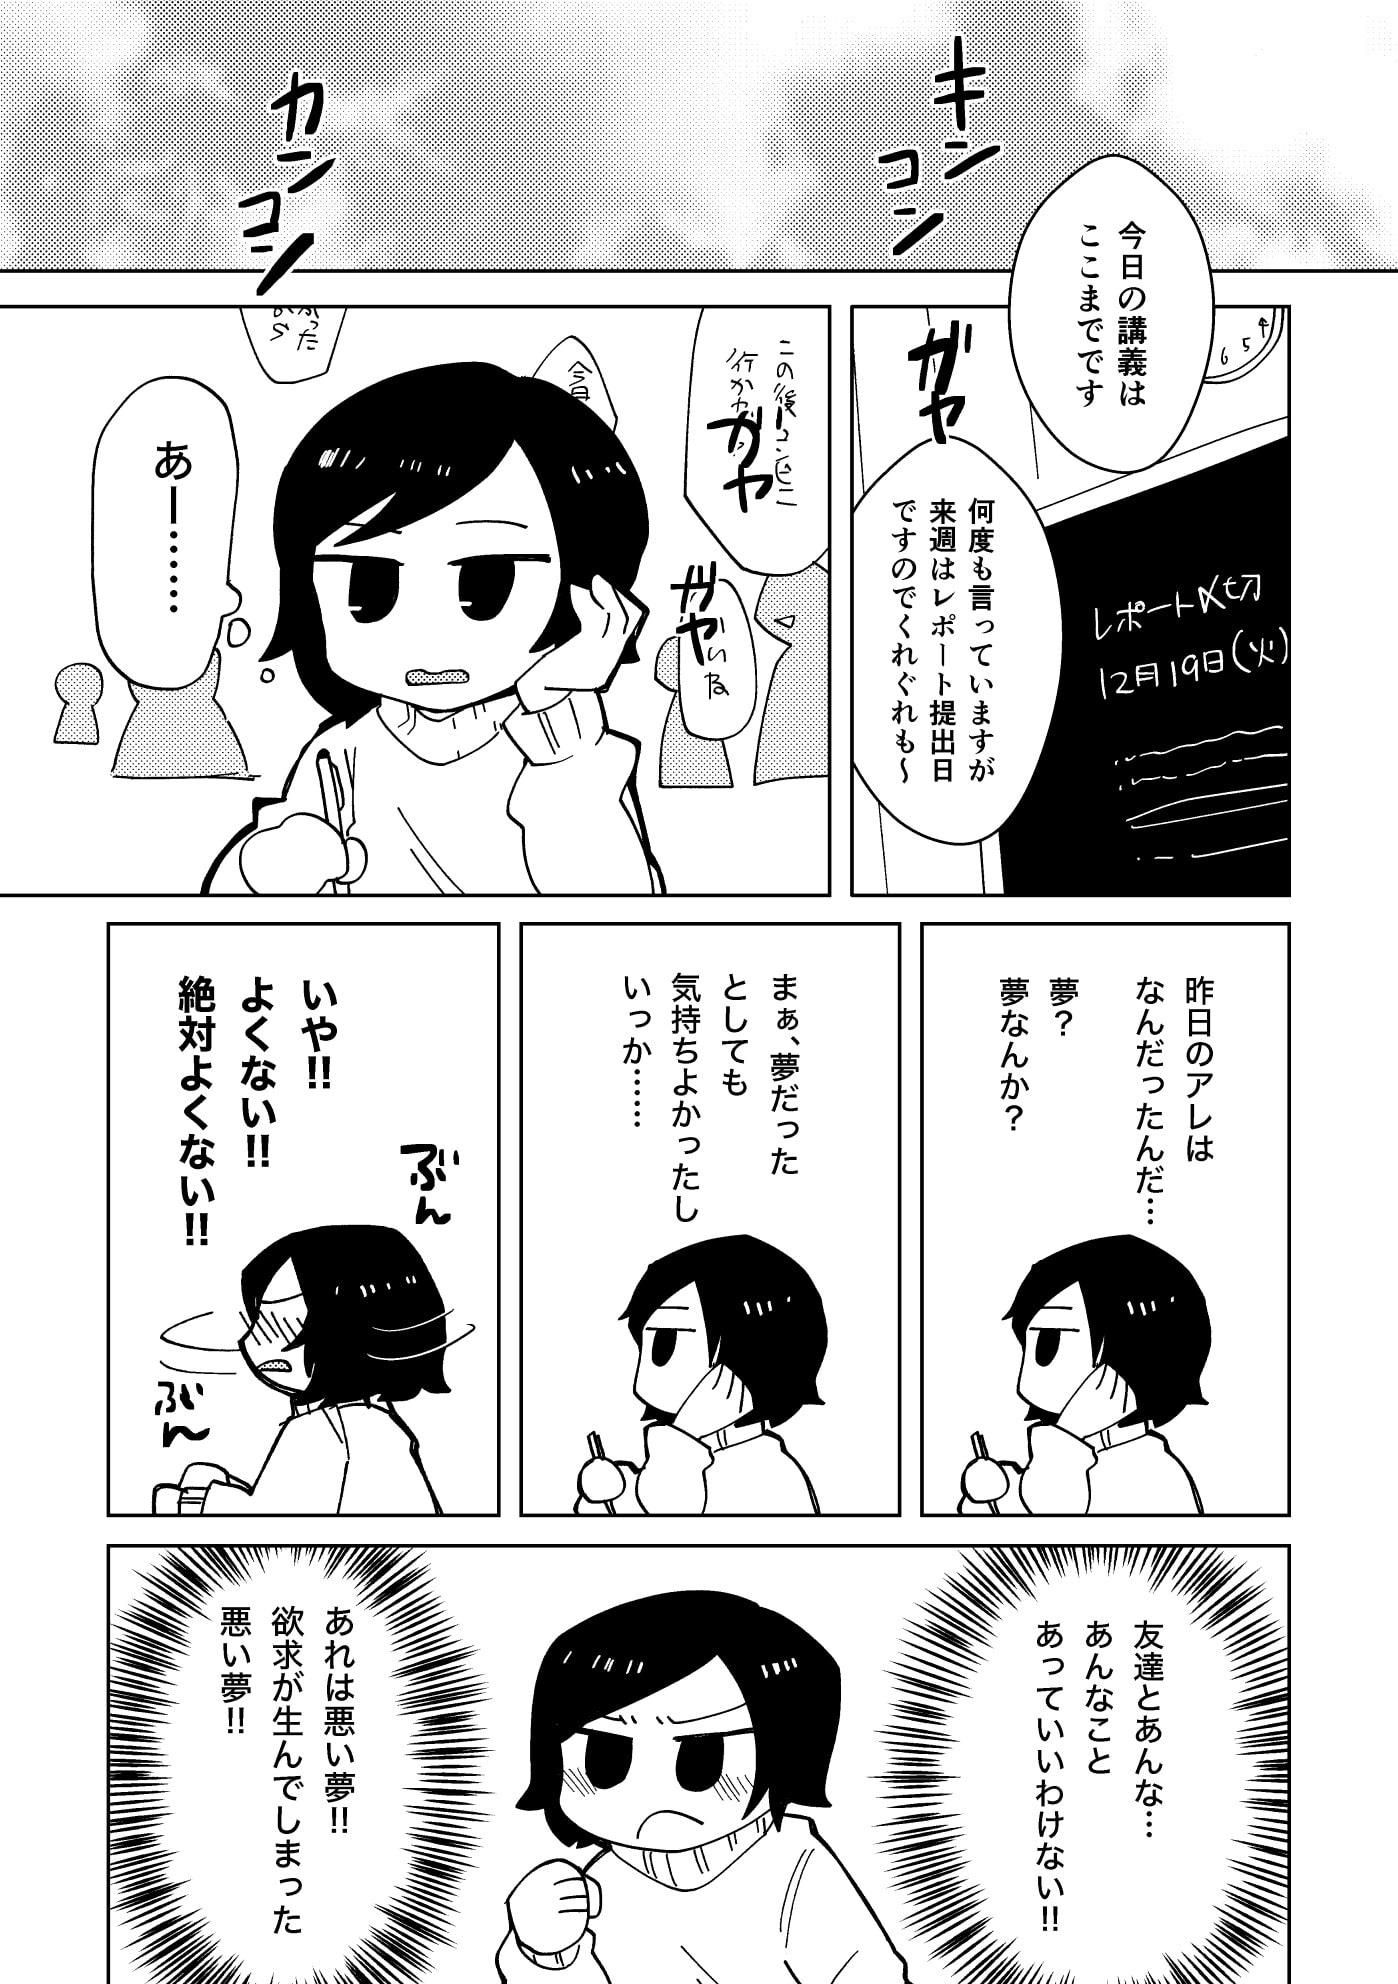 RJ337459 からかわないで千洋さん [20210802]